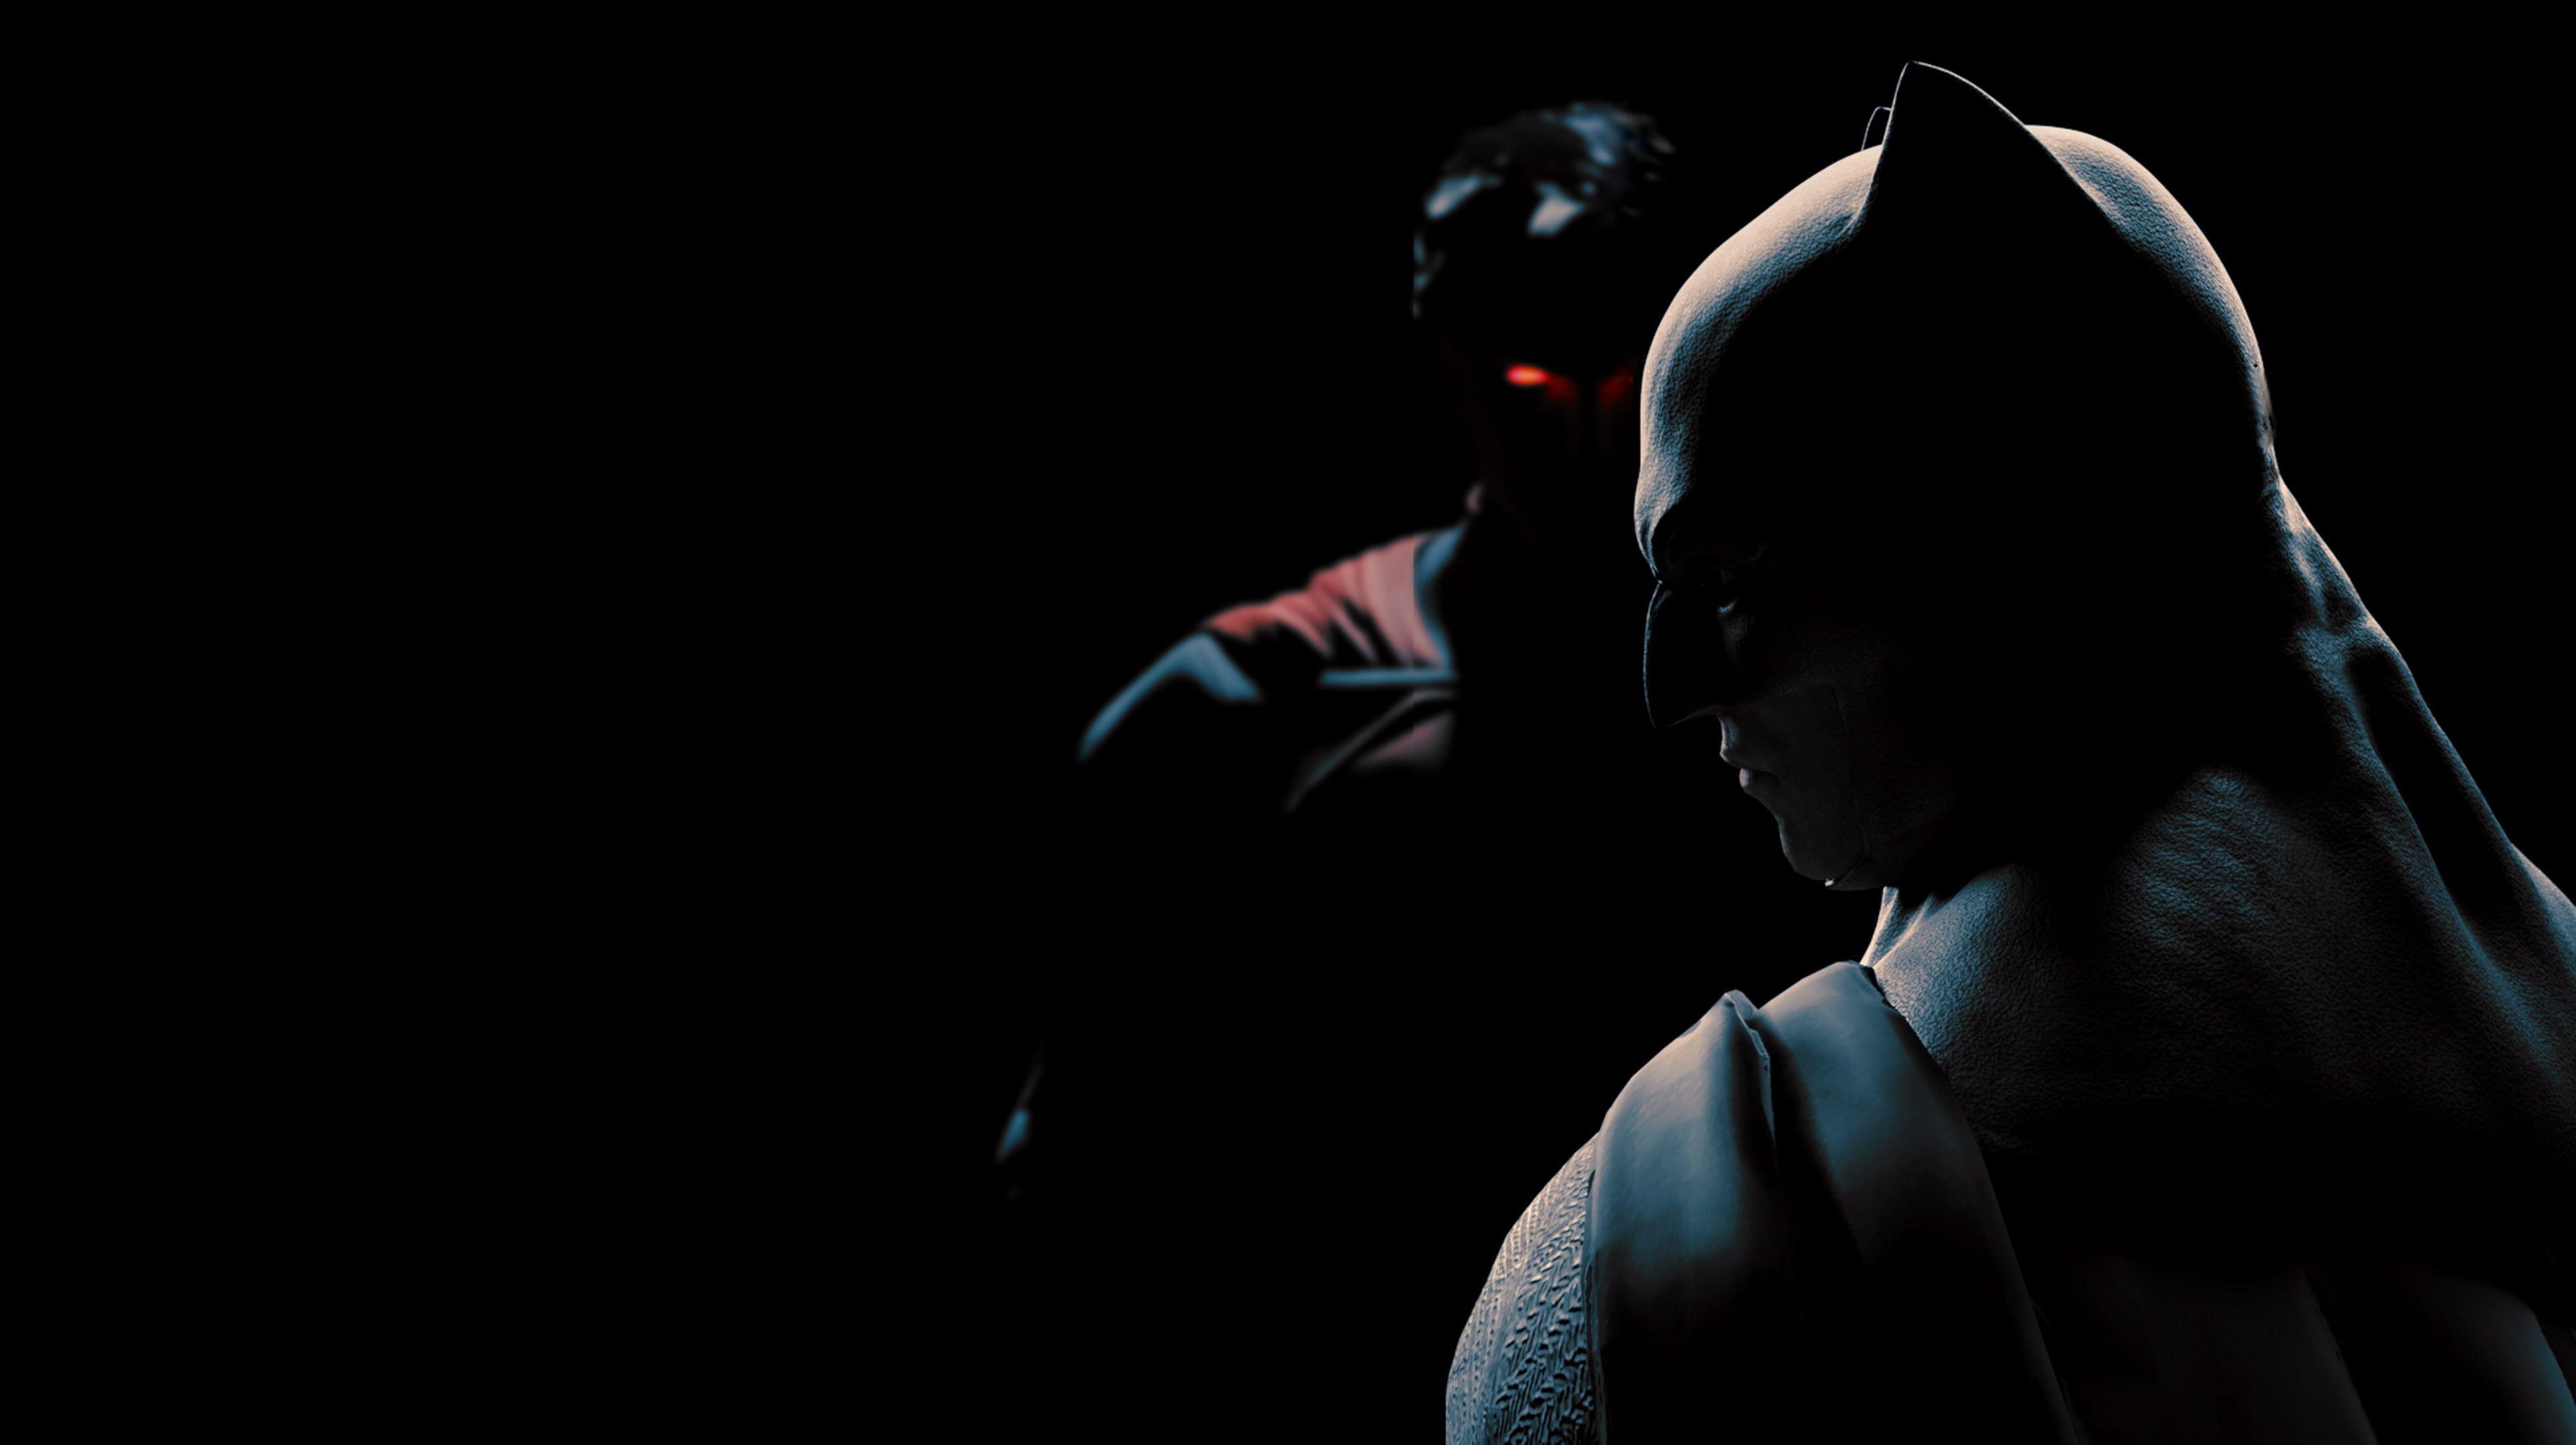 Batman V Superman Dawn Of Justice Wallpapers Ultra Hd 4k Batman Poster Batman Vs Superman Superman Wallpaper